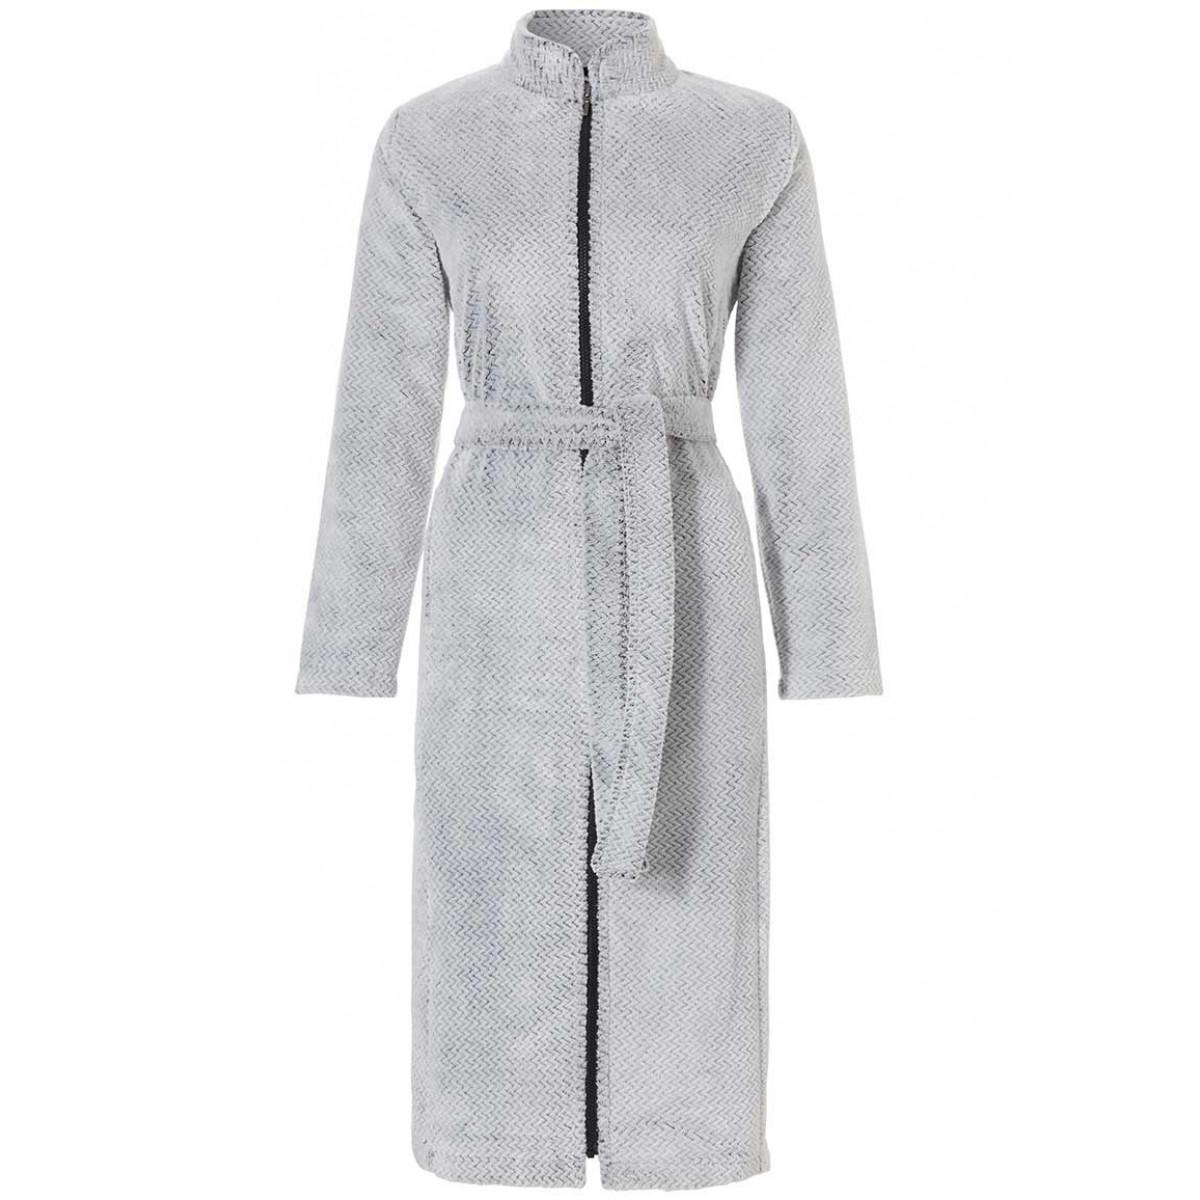 Fleece badjas met ritssluiting